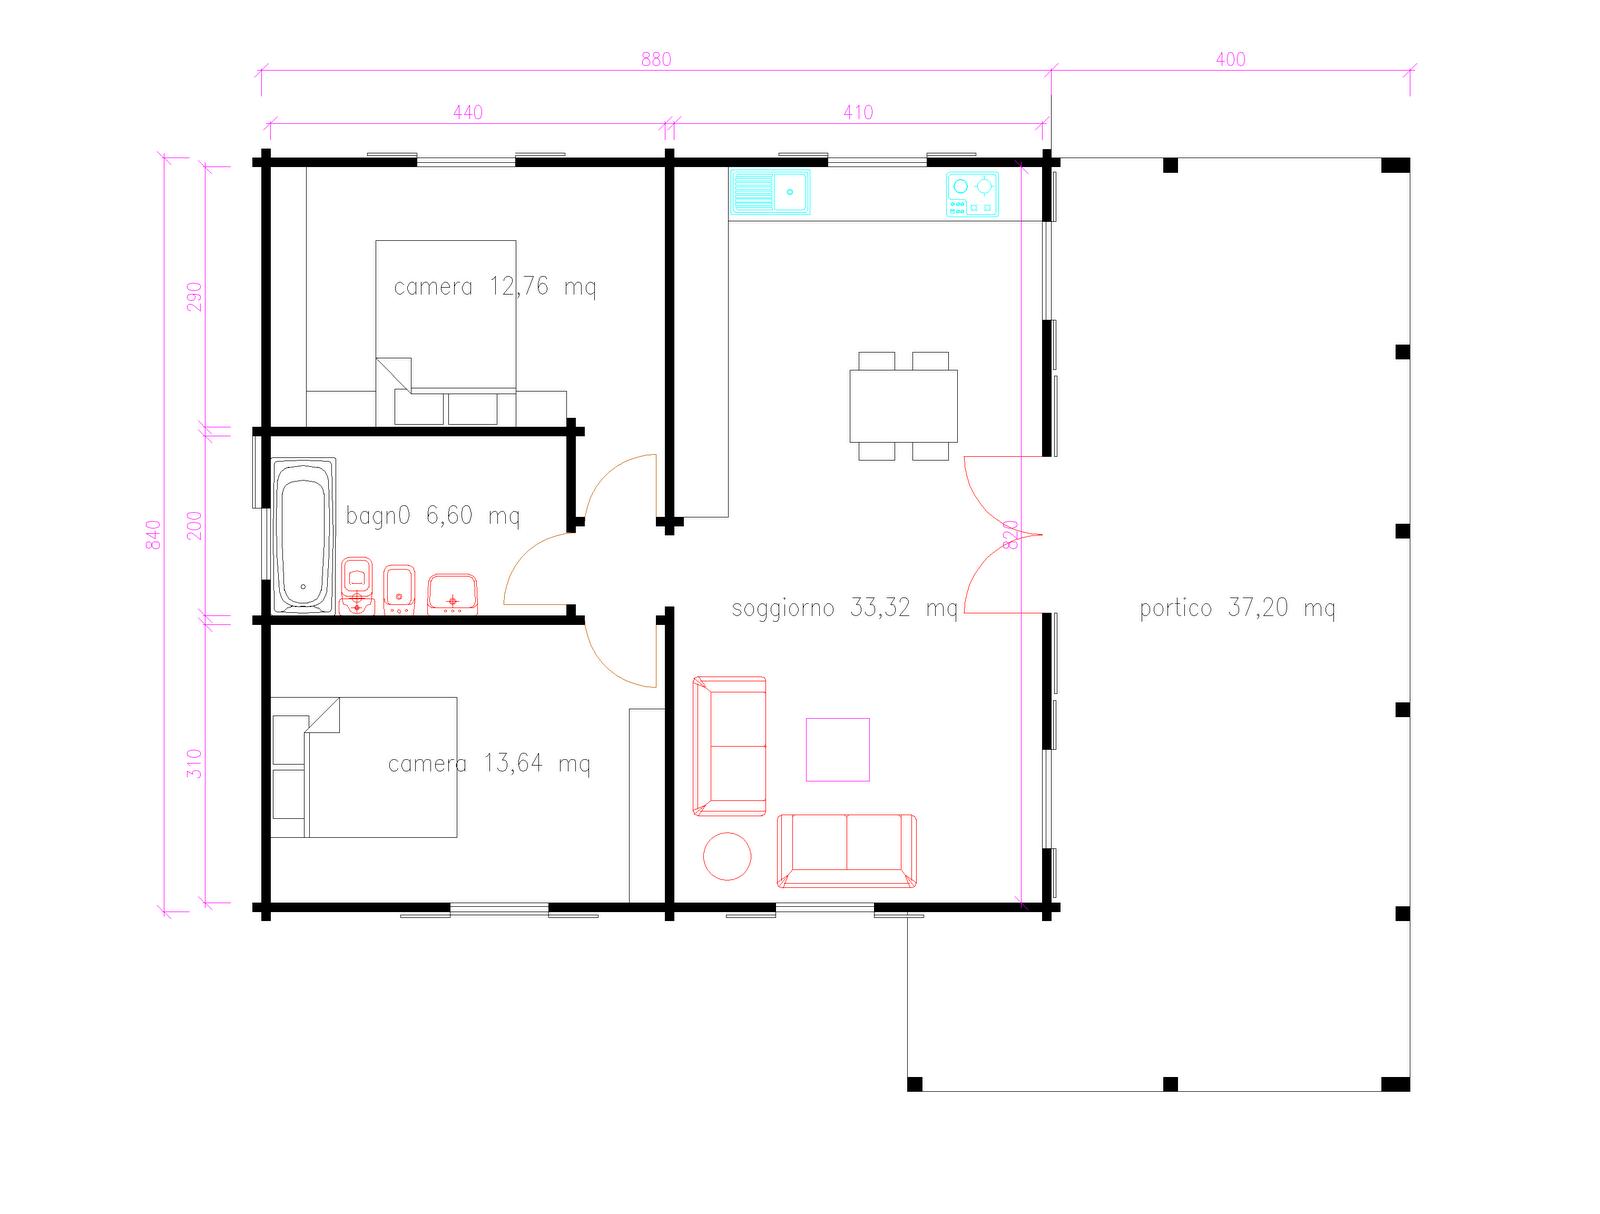 Progetti di case in legno casa 74 mq portico 37 mq for Progetti di case